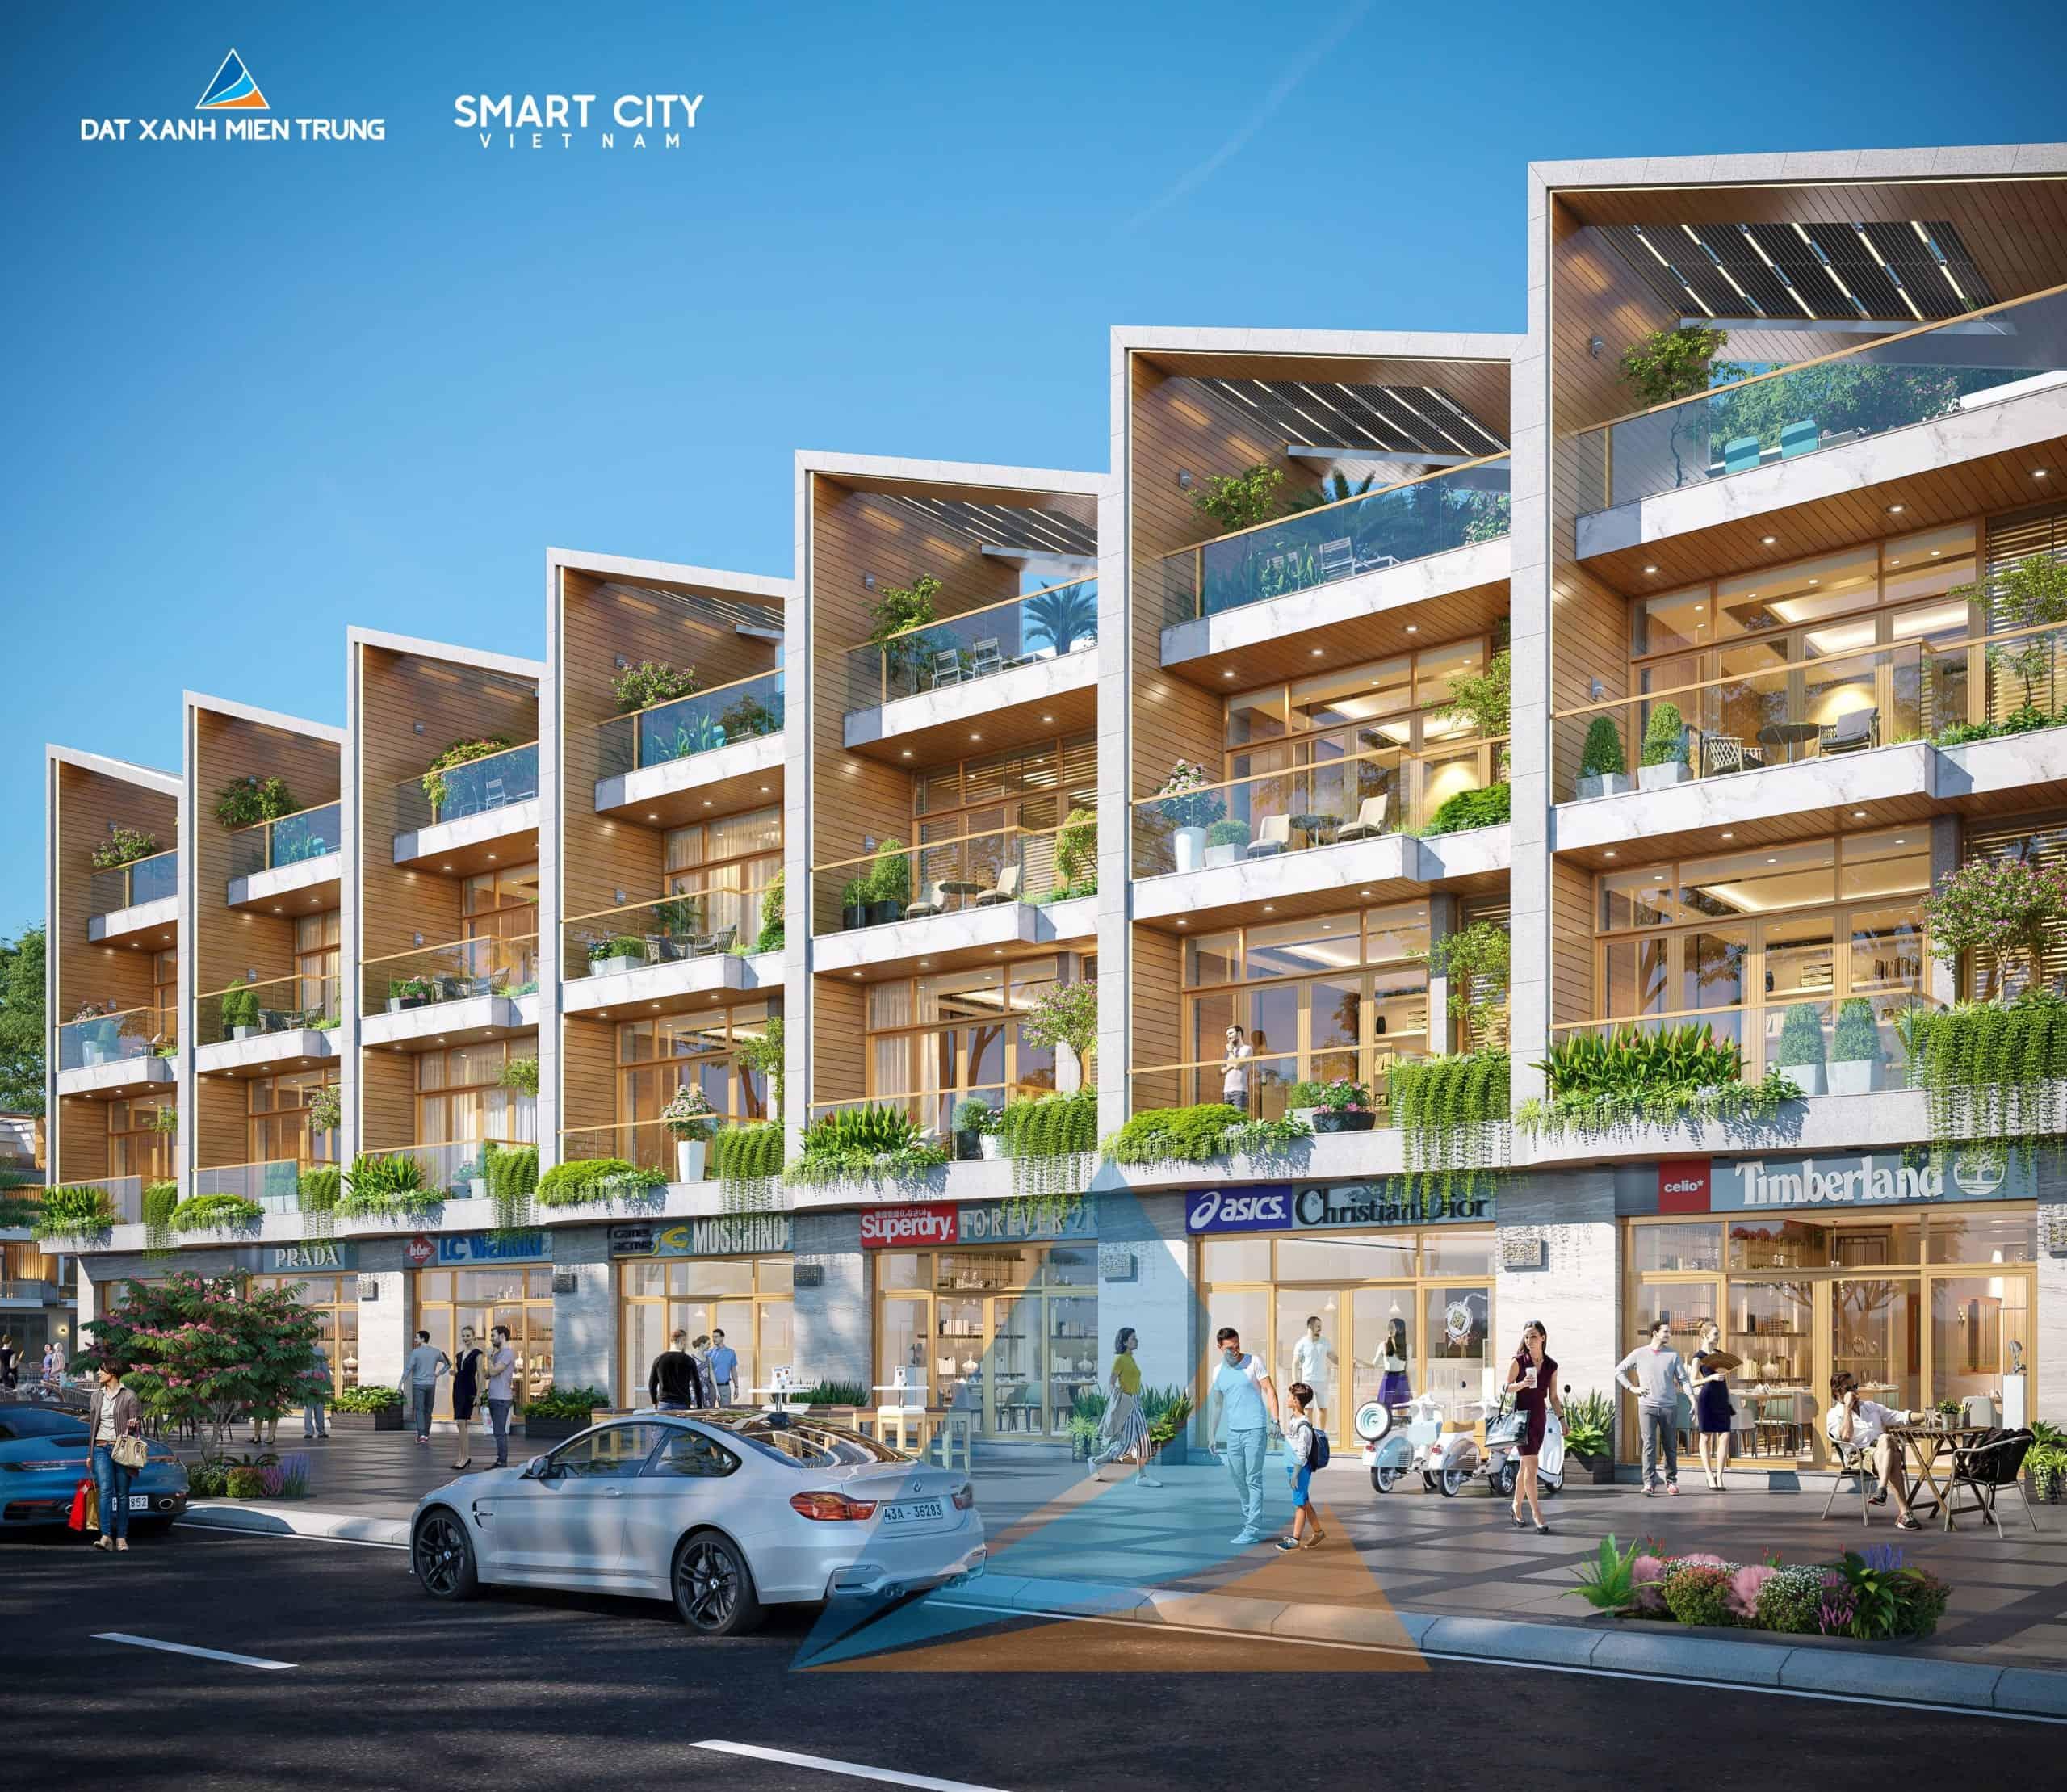 Cần vốn mở rộng kinh doanh nên bán lại căn nhà Đường Lê Văn Duyệt – Đà Nẵng